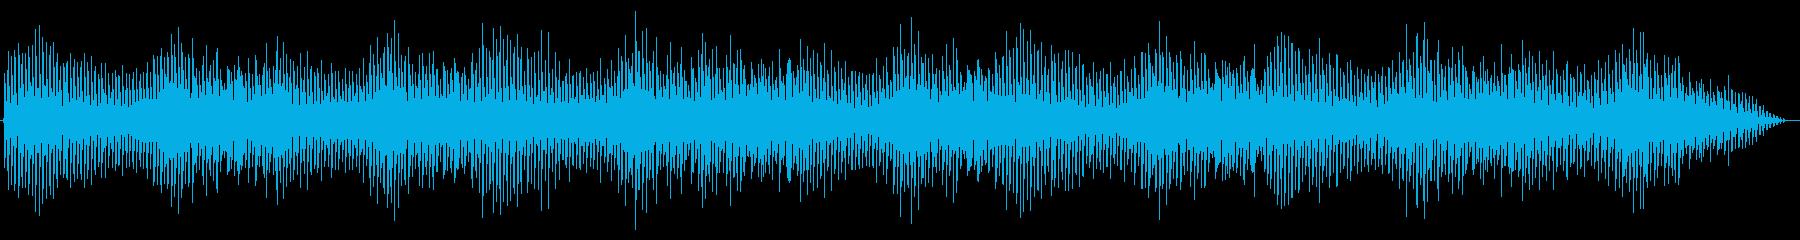 211_クリスマス ベル 鈴の音1の再生済みの波形